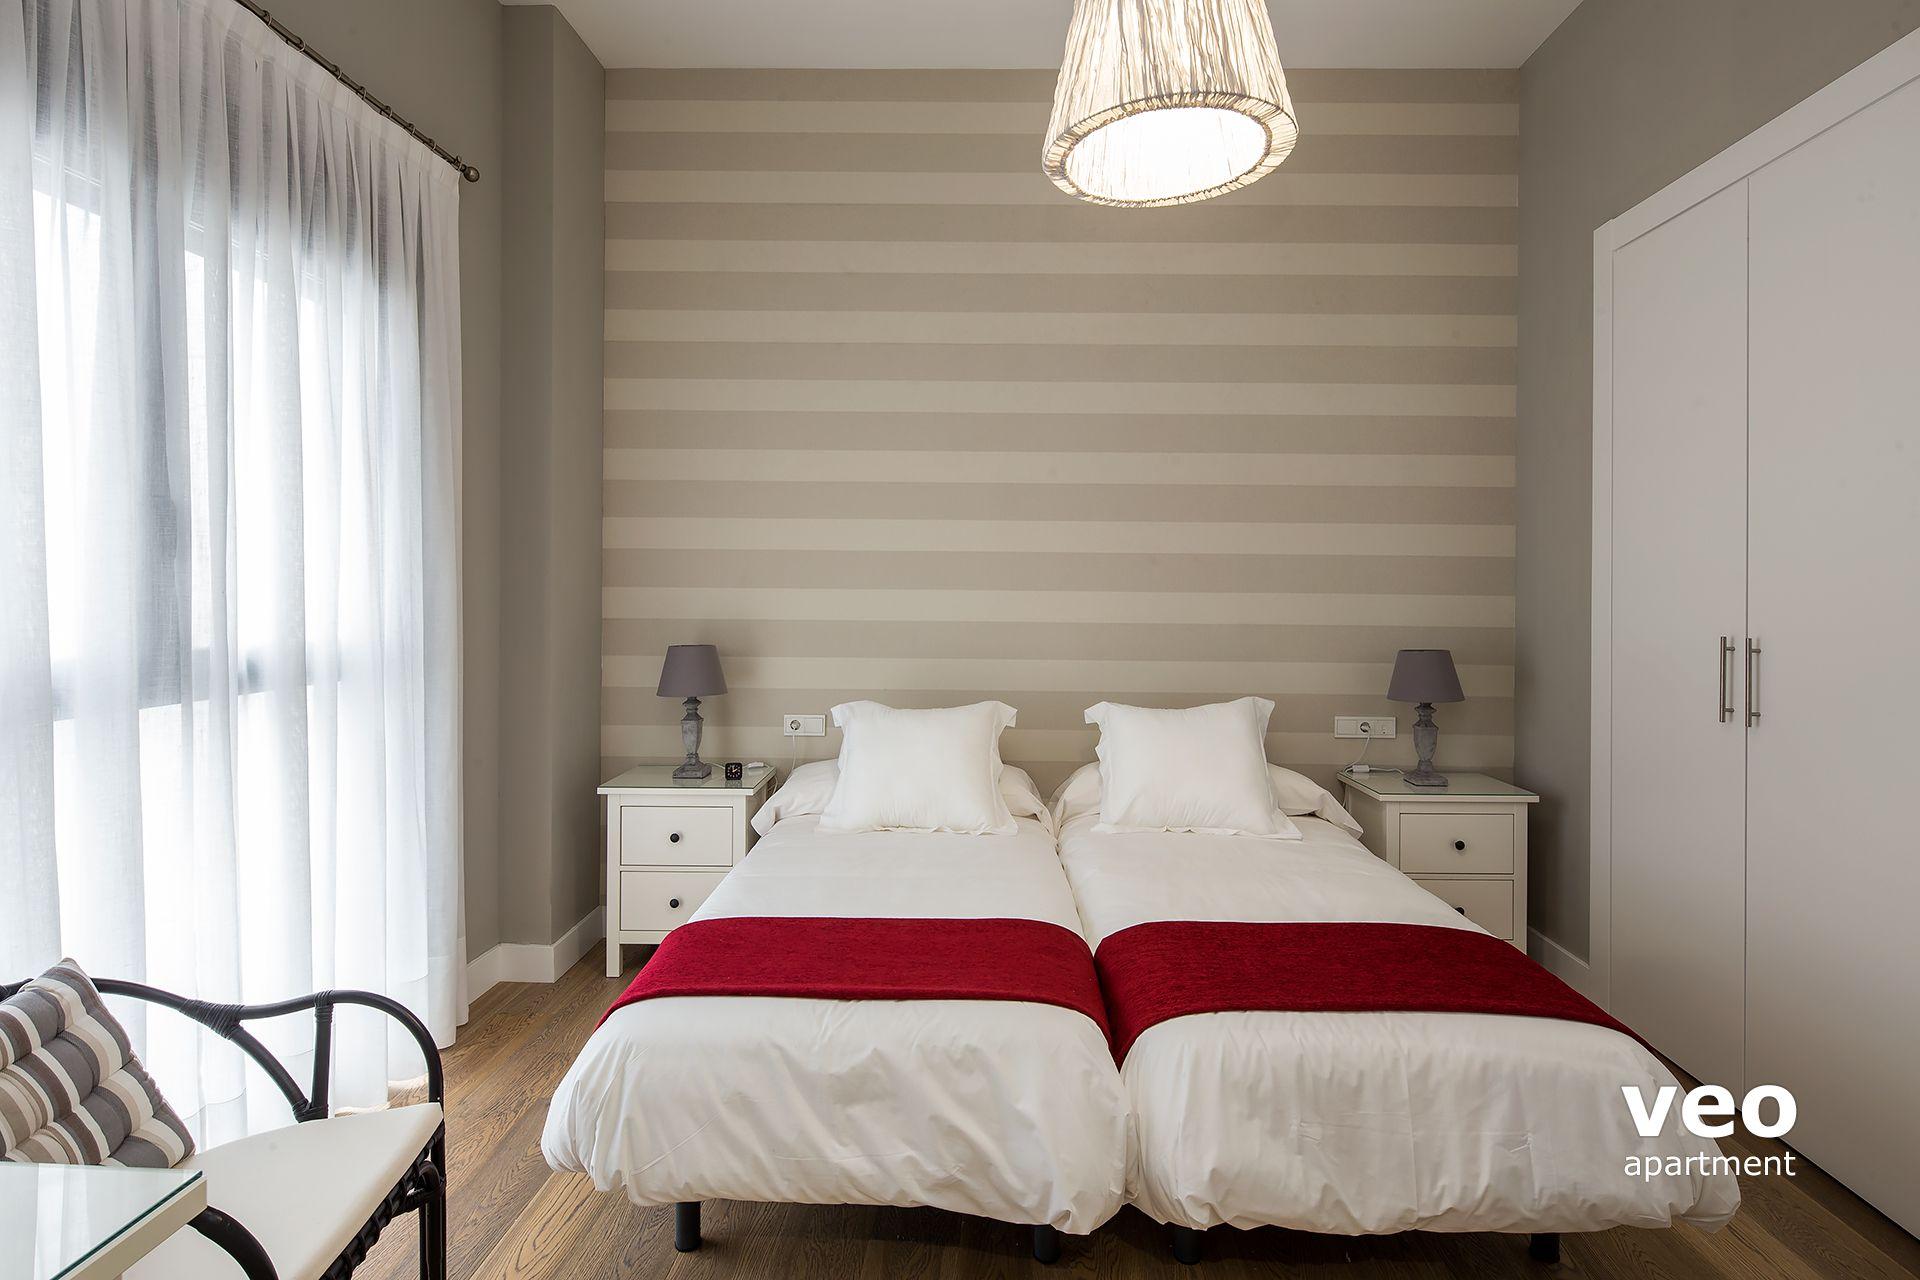 Sevilla apartmento calle angeles sevilla espa a angeles alquiler de apartamento por temporadas - Apartamentos los angeles sevilla ...